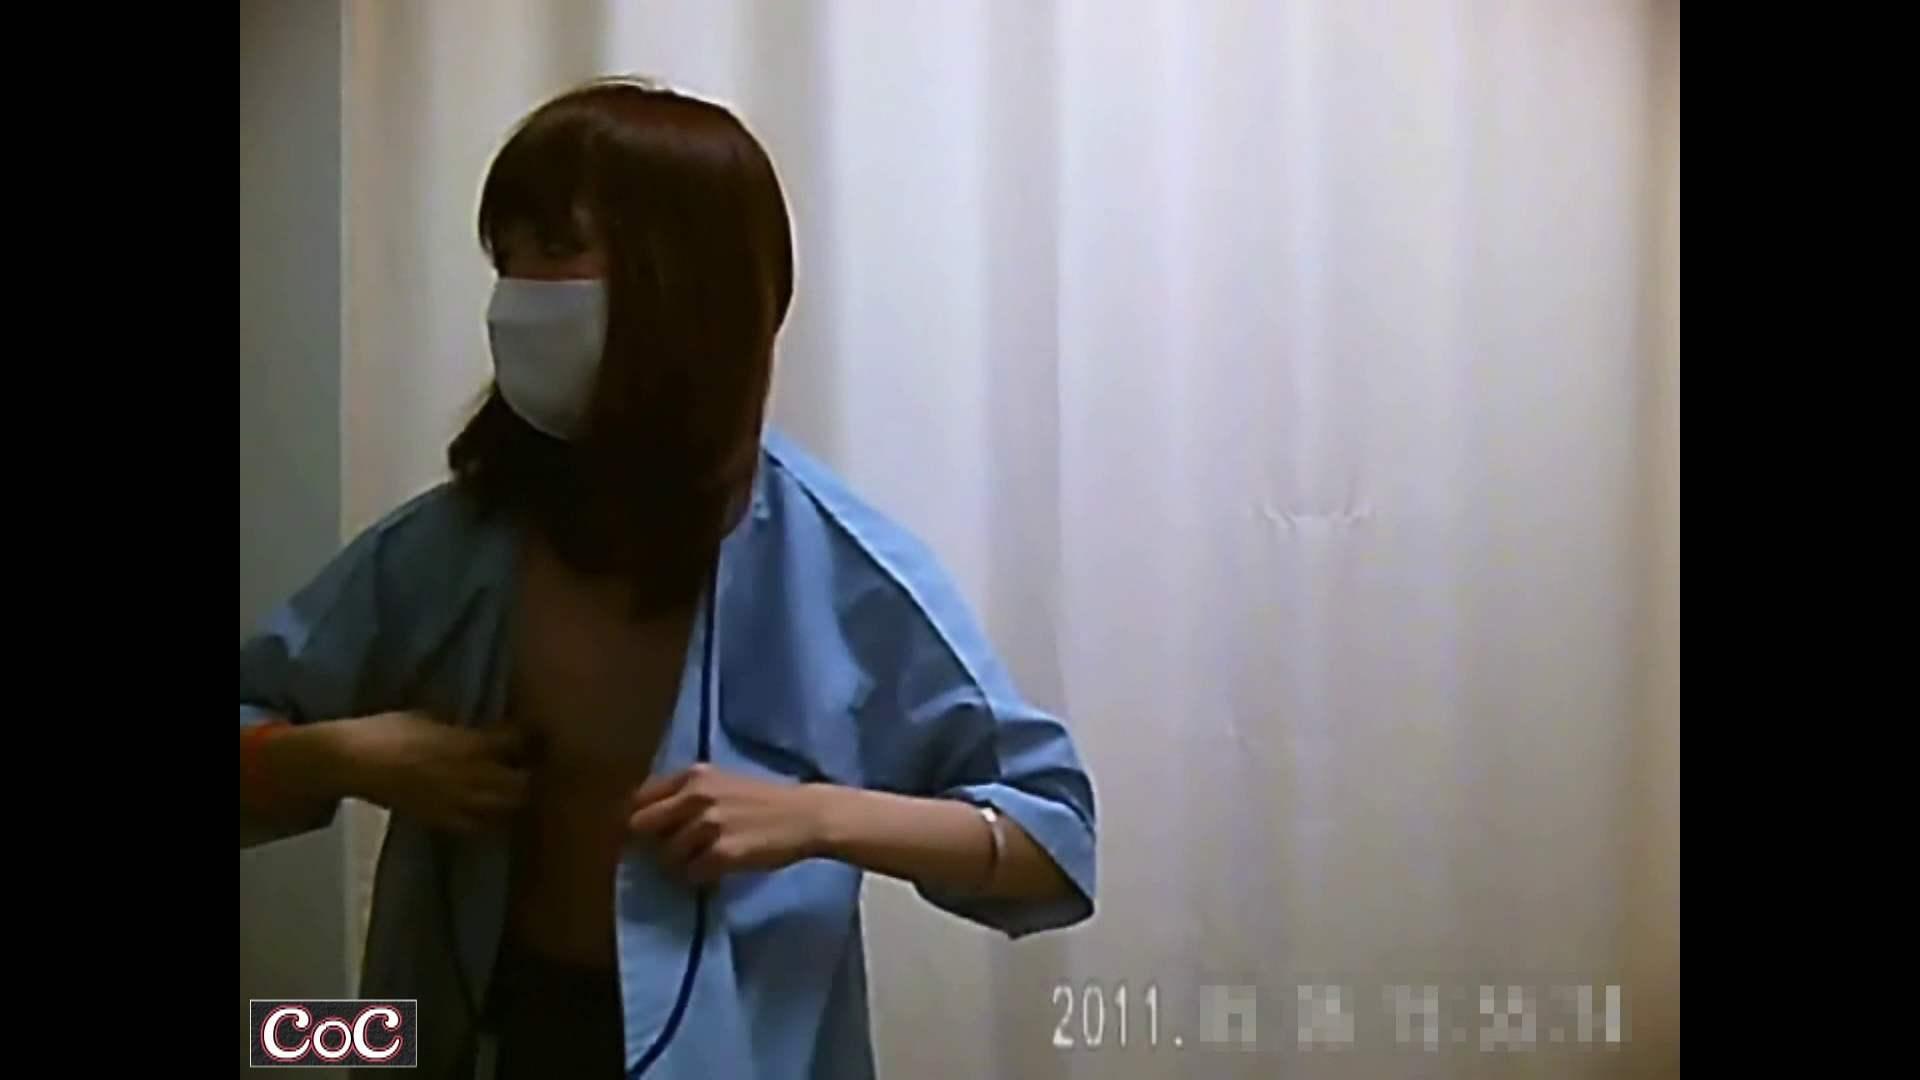 元医者による反抗 更衣室地獄絵巻 vol.167 OL  59pic 21